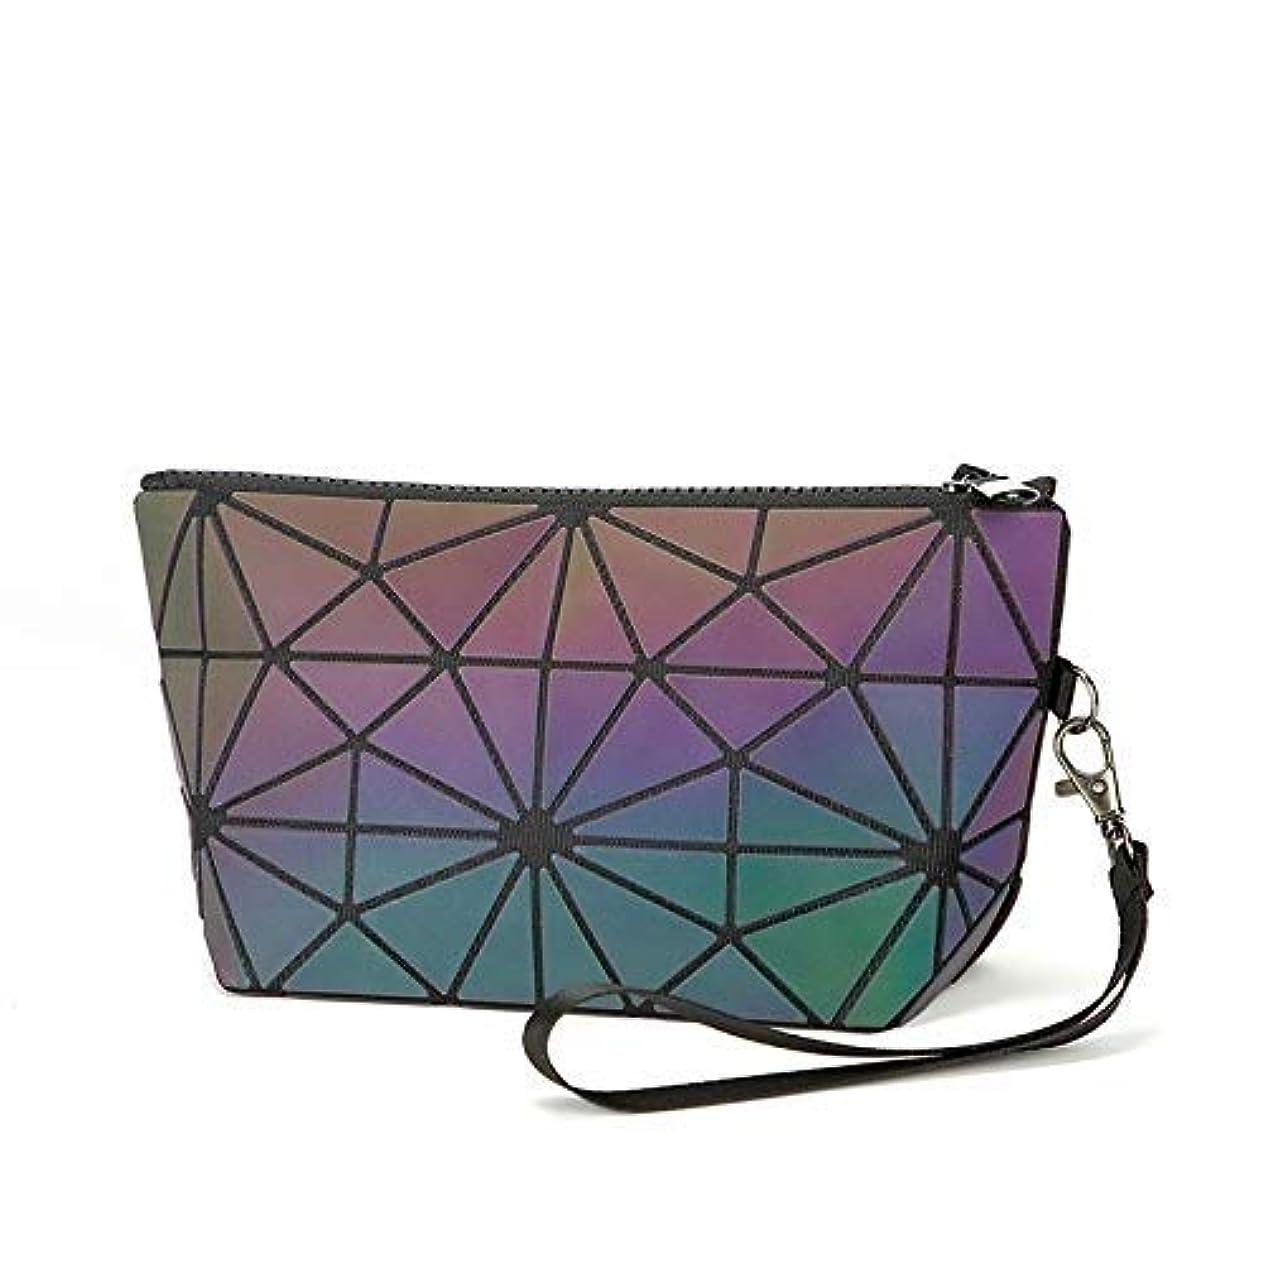 Leshang 化粧ポーチ 幾何模様デザイン 3 スタイル ホログラフィック 反射素材 化粧ポーチ 化粧品バッグ メイクバッグ コスメ収納 化粧道具の収納バッグ (2)